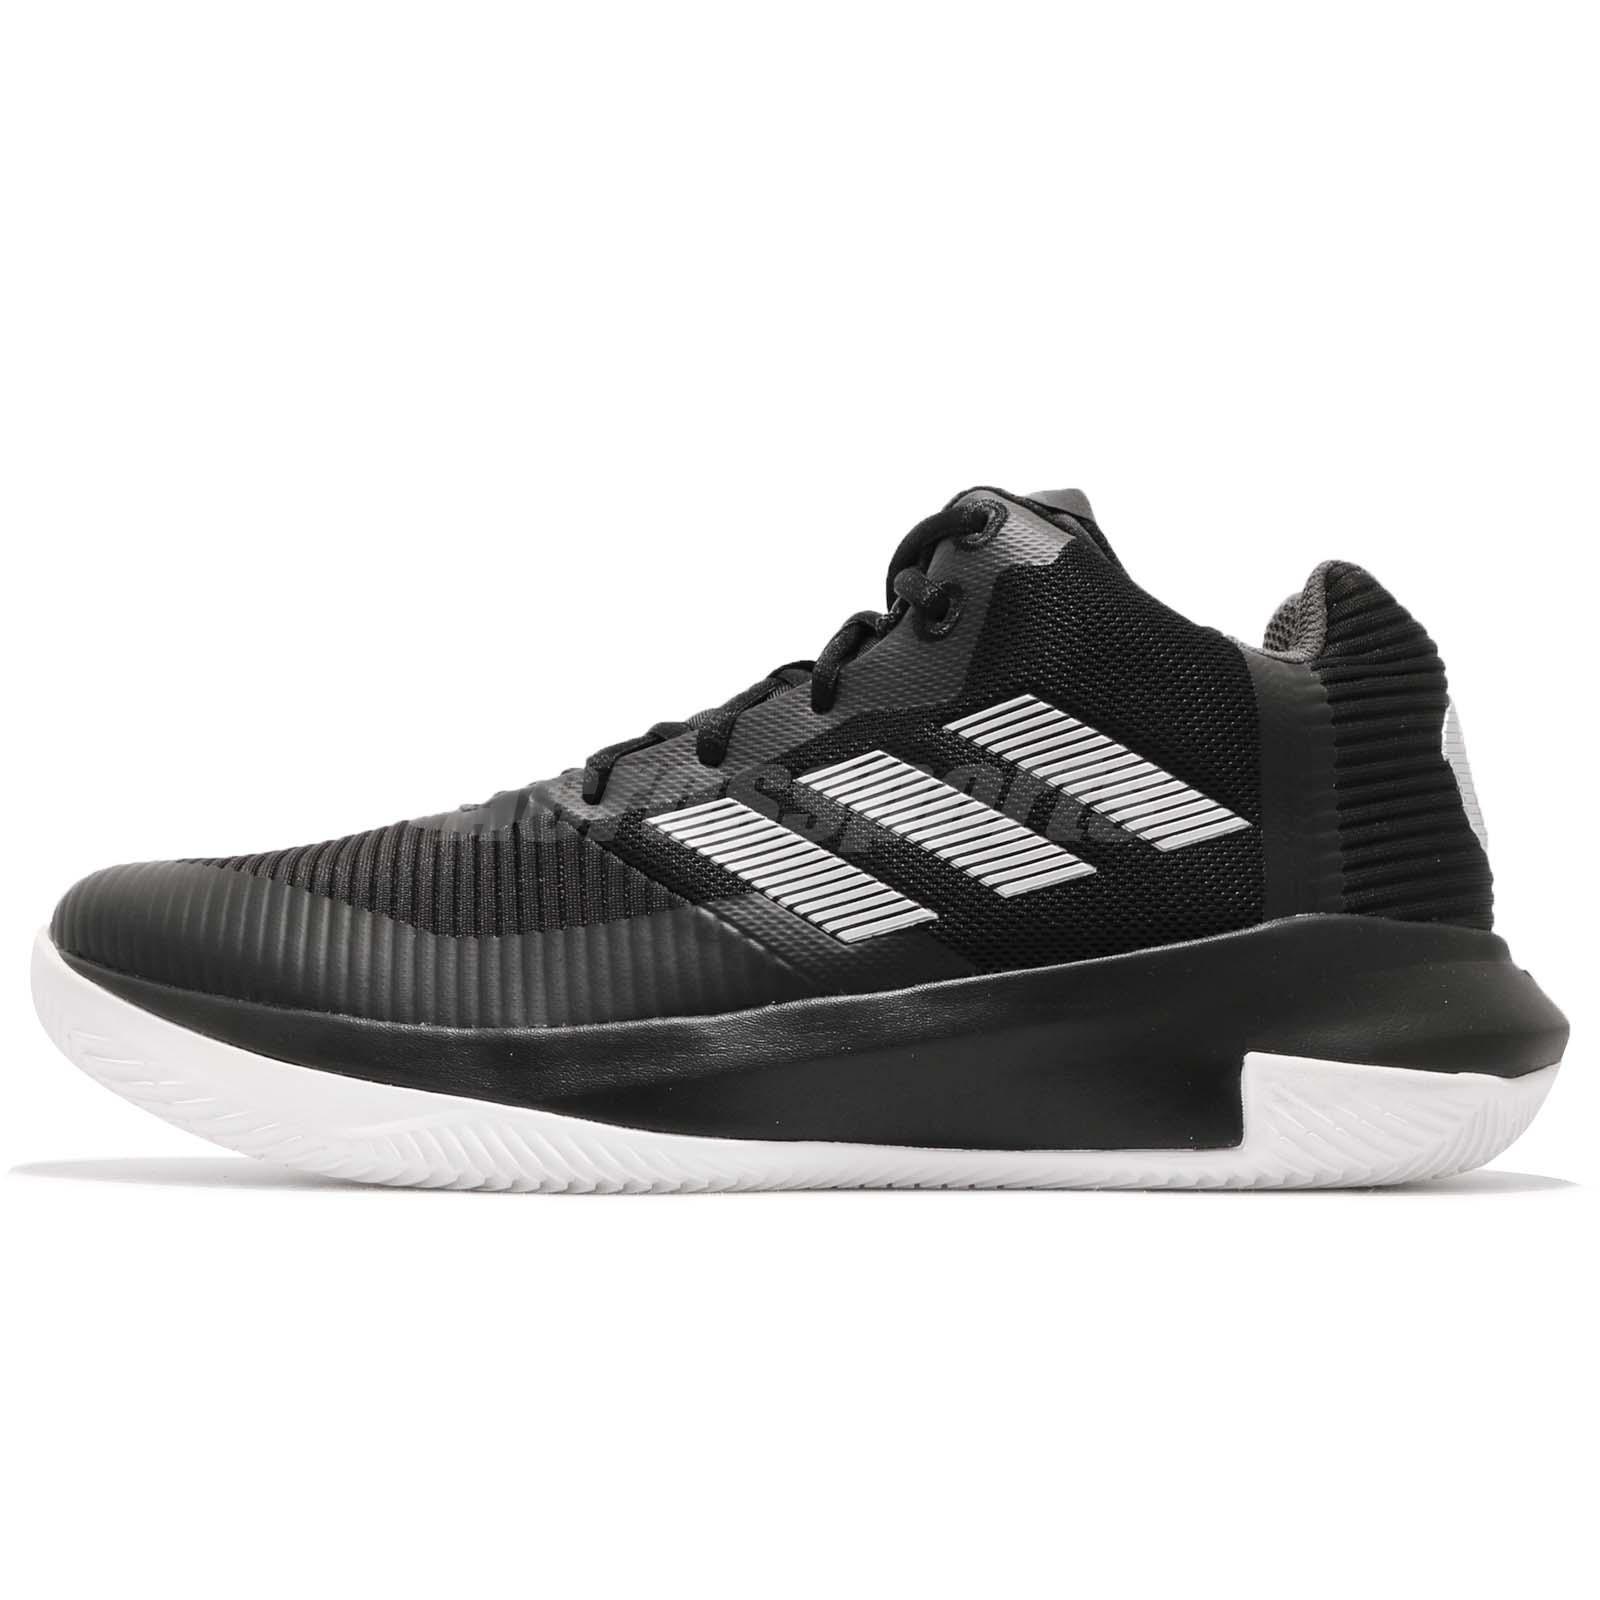 f41d1af0493 adidas D Rose Lethality Derrick Black White Mens Basketball Shoes Sneaker  AQ0043